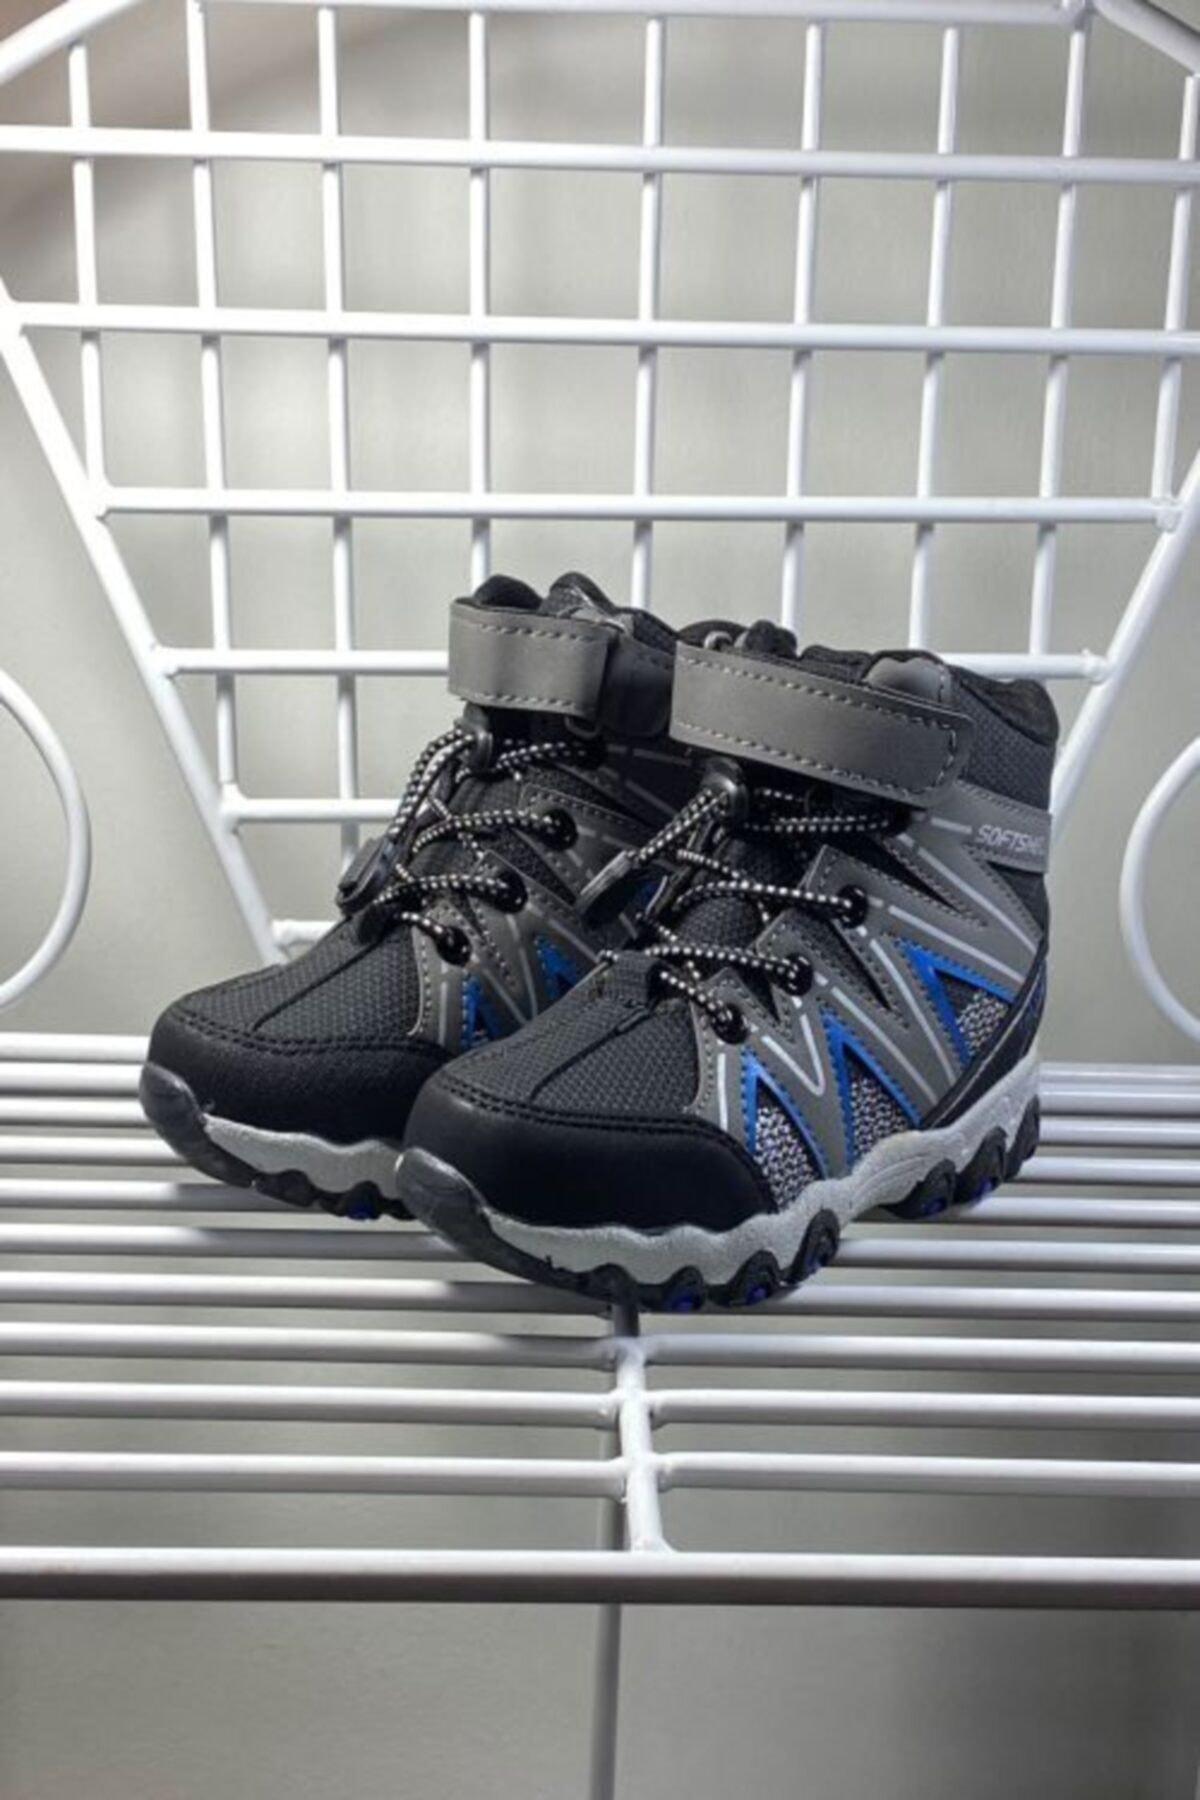 Kışlık Termo Taban Cırtlı Lastik Bağcıklı Çocuk Bot Ayakkabı